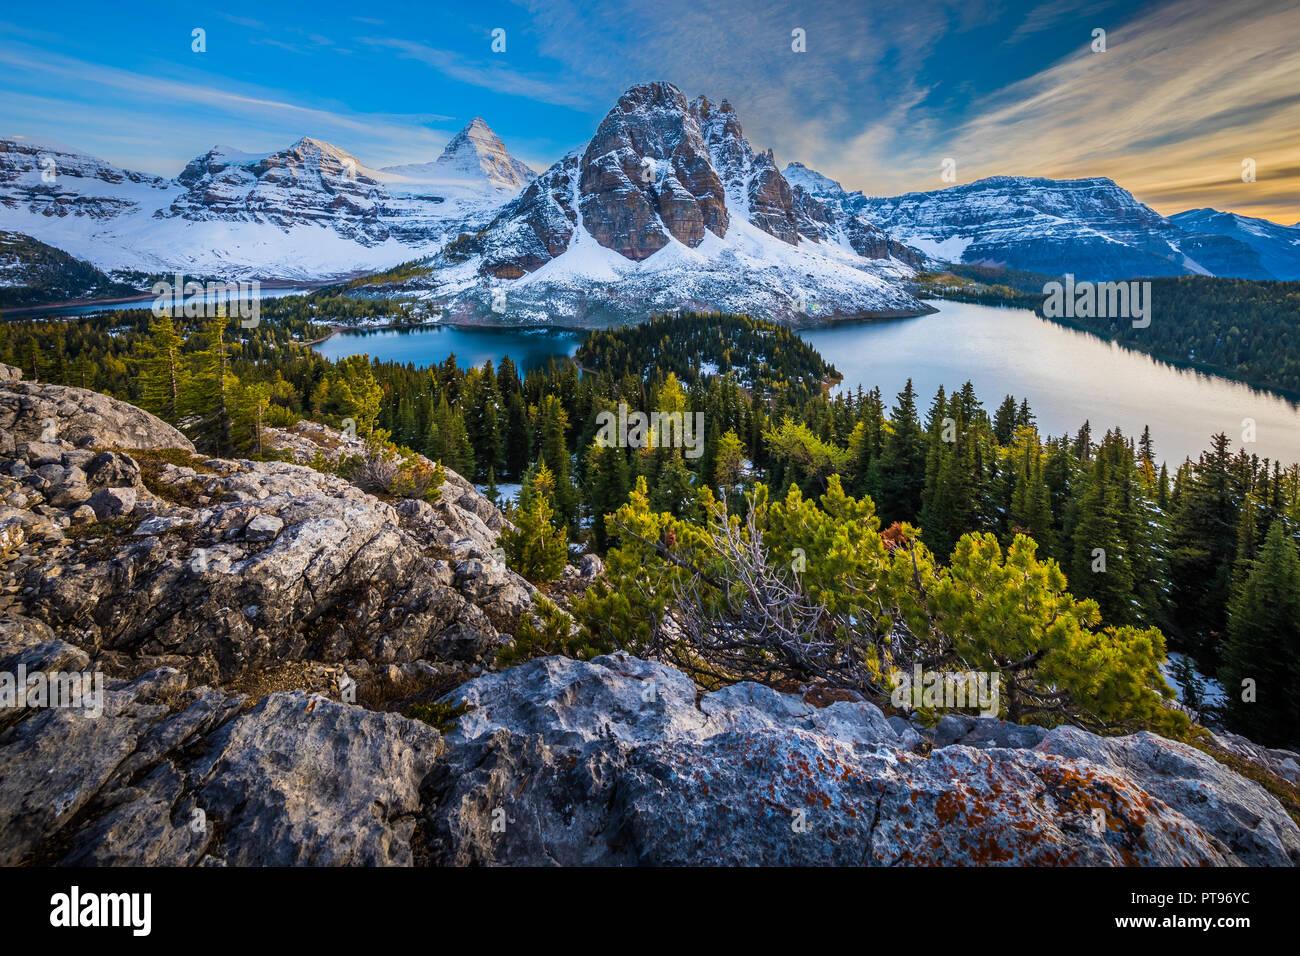 Le parc provincial du mont Assiniboine est un parc provincial de la Colombie-Britannique, Canada, situé autour du mont Assiniboine. Le parc a été créé en 1922. S Photo Stock